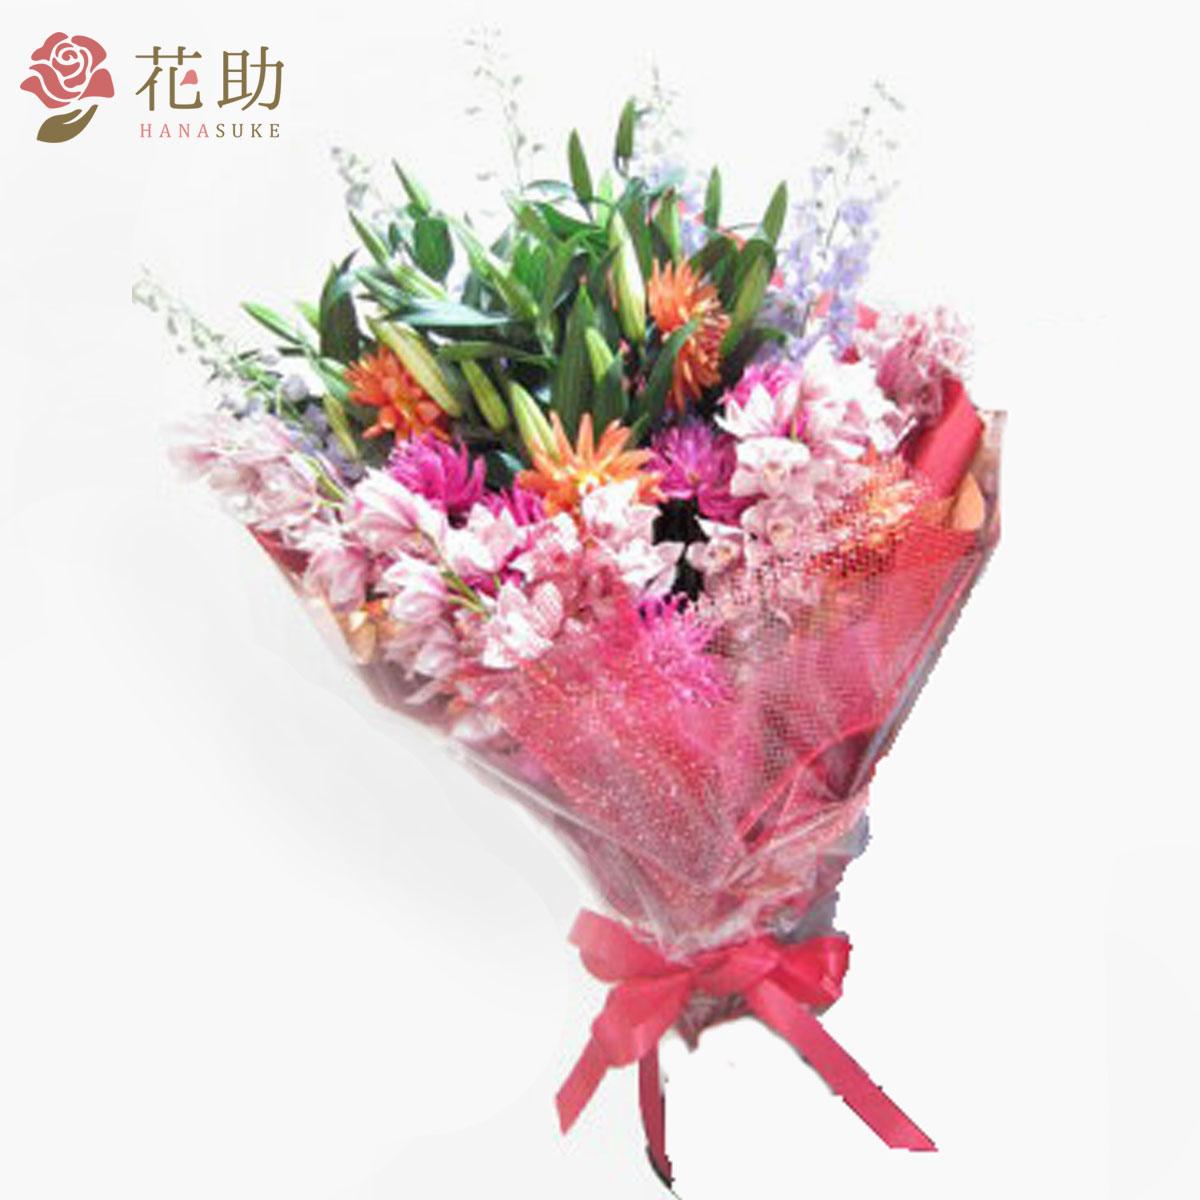 【花】フラワーコンシェルジュが厳選した花屋のお祝い花束 30000円 即日配達 送料無料【あす楽】【楽ギフ_メッセ入力】